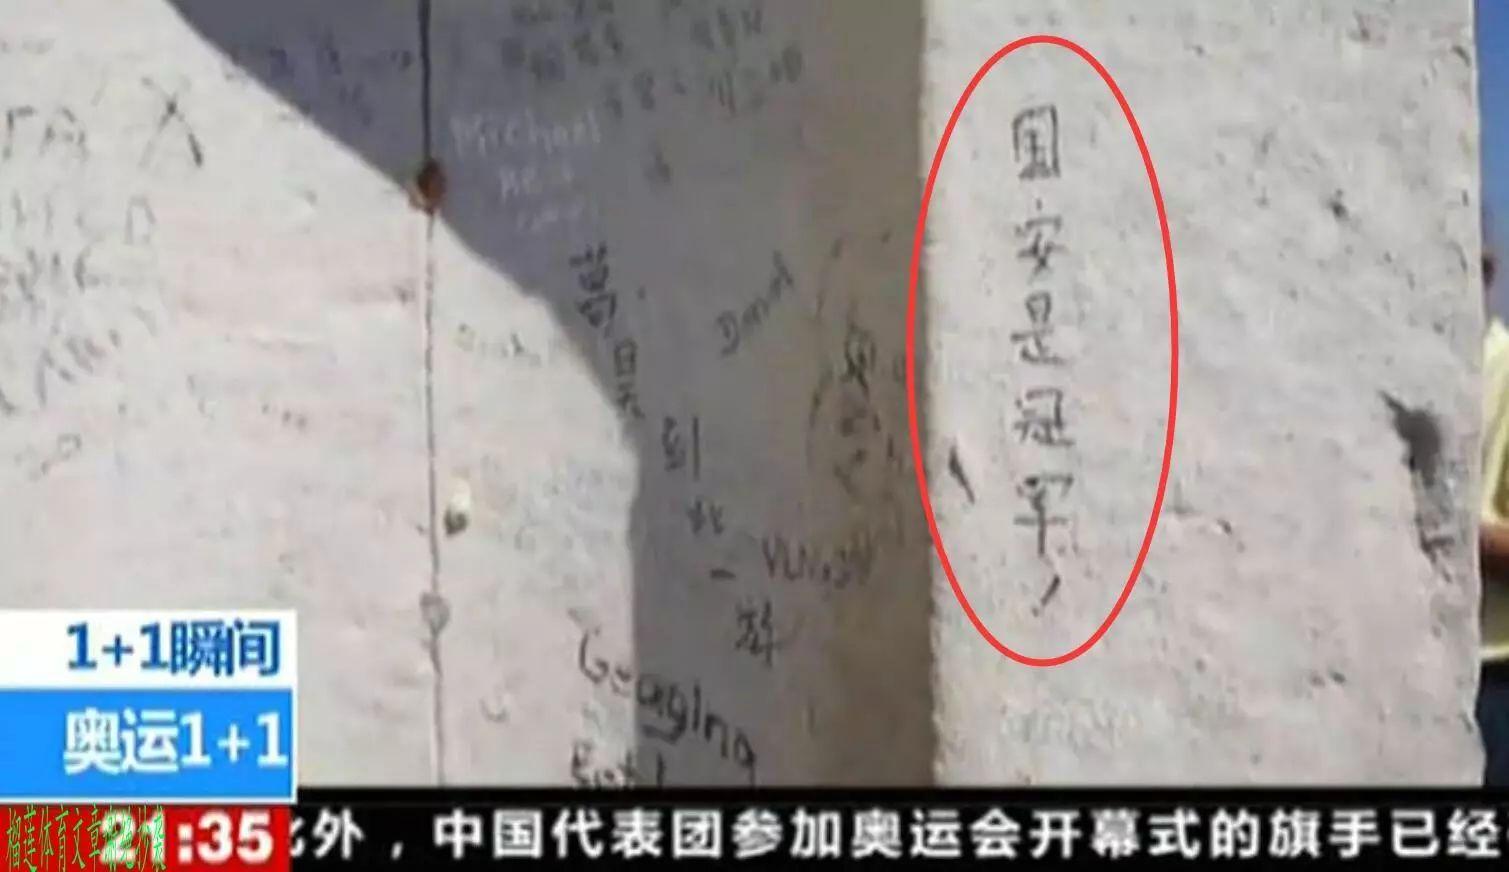 """伦敦奥运时,白岩松在圣保罗大教堂发现有中国游客刻上了""""国安是冠军"""""""